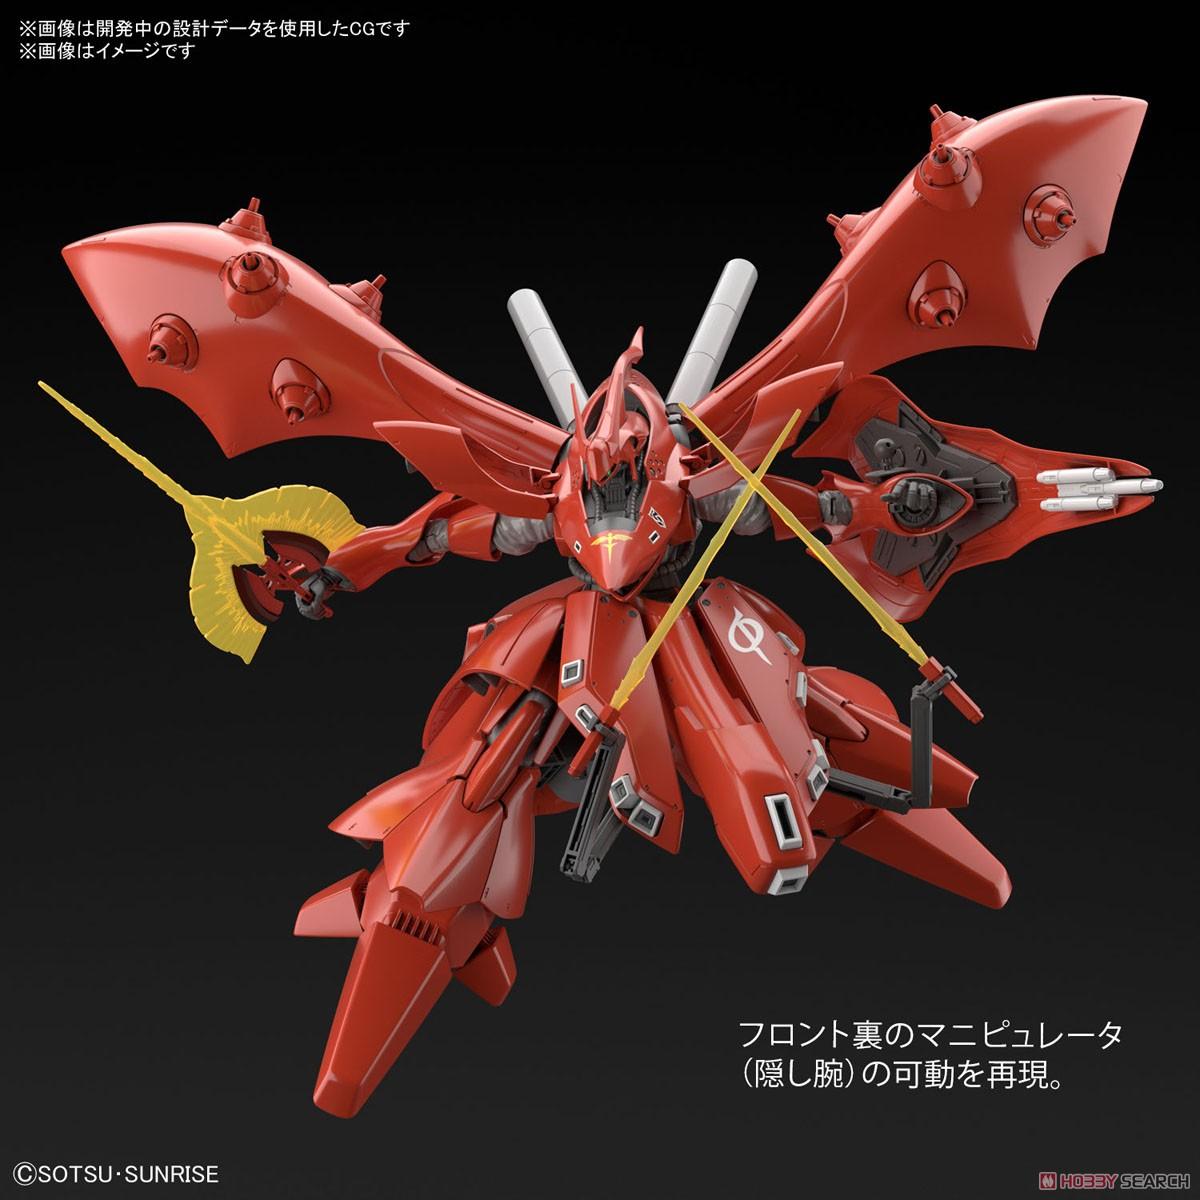 【再販】HG 1/144『ナイチンゲール』逆襲のシャア プラモデル-014